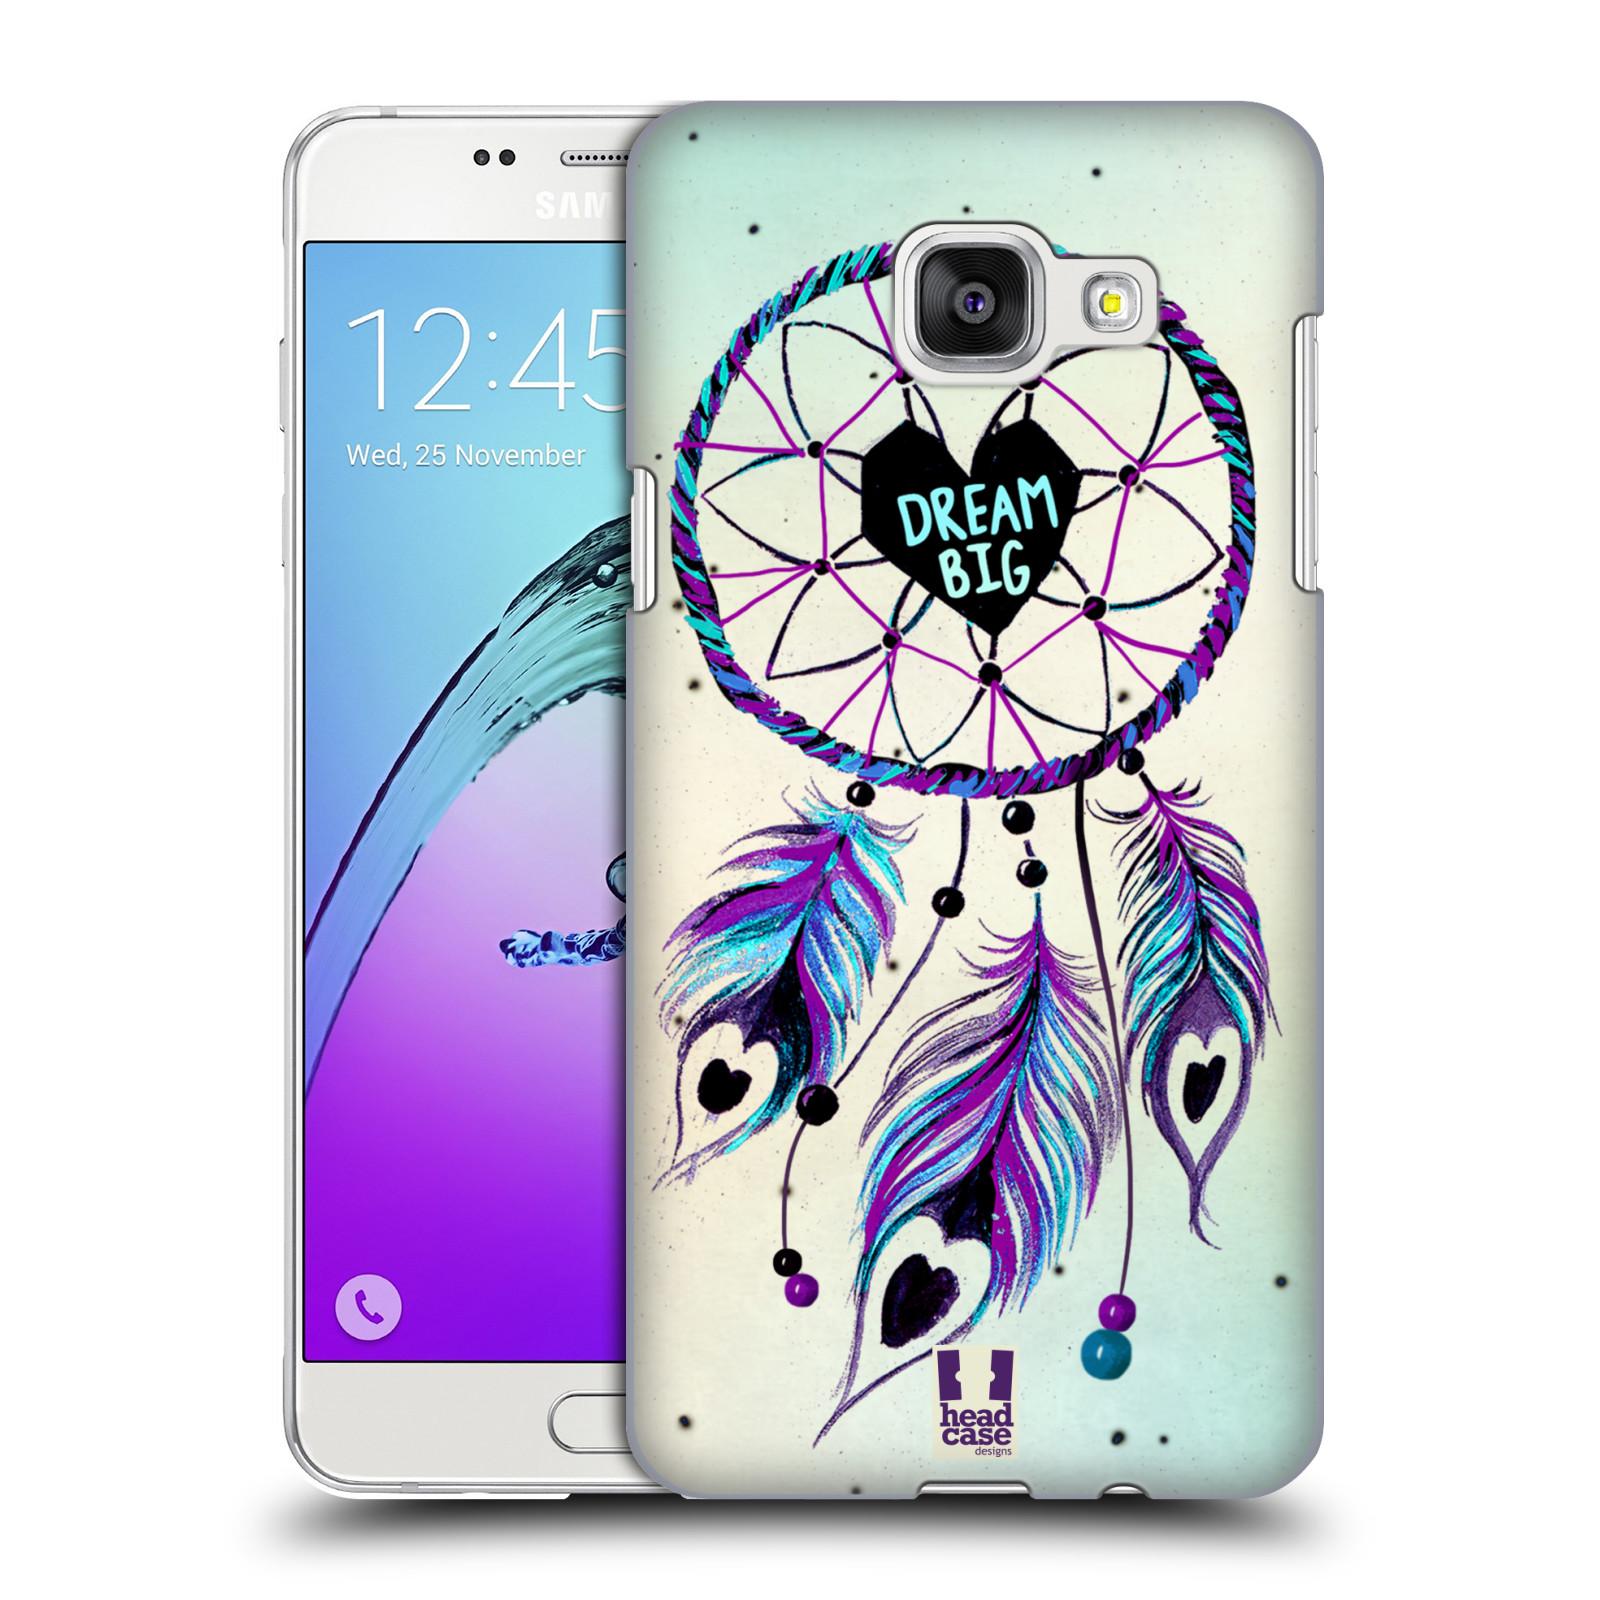 Plastové pouzdro na mobil Samsung Galaxy A5 (2016) HEAD CASE Lapač Assorted Dream Big Srdce